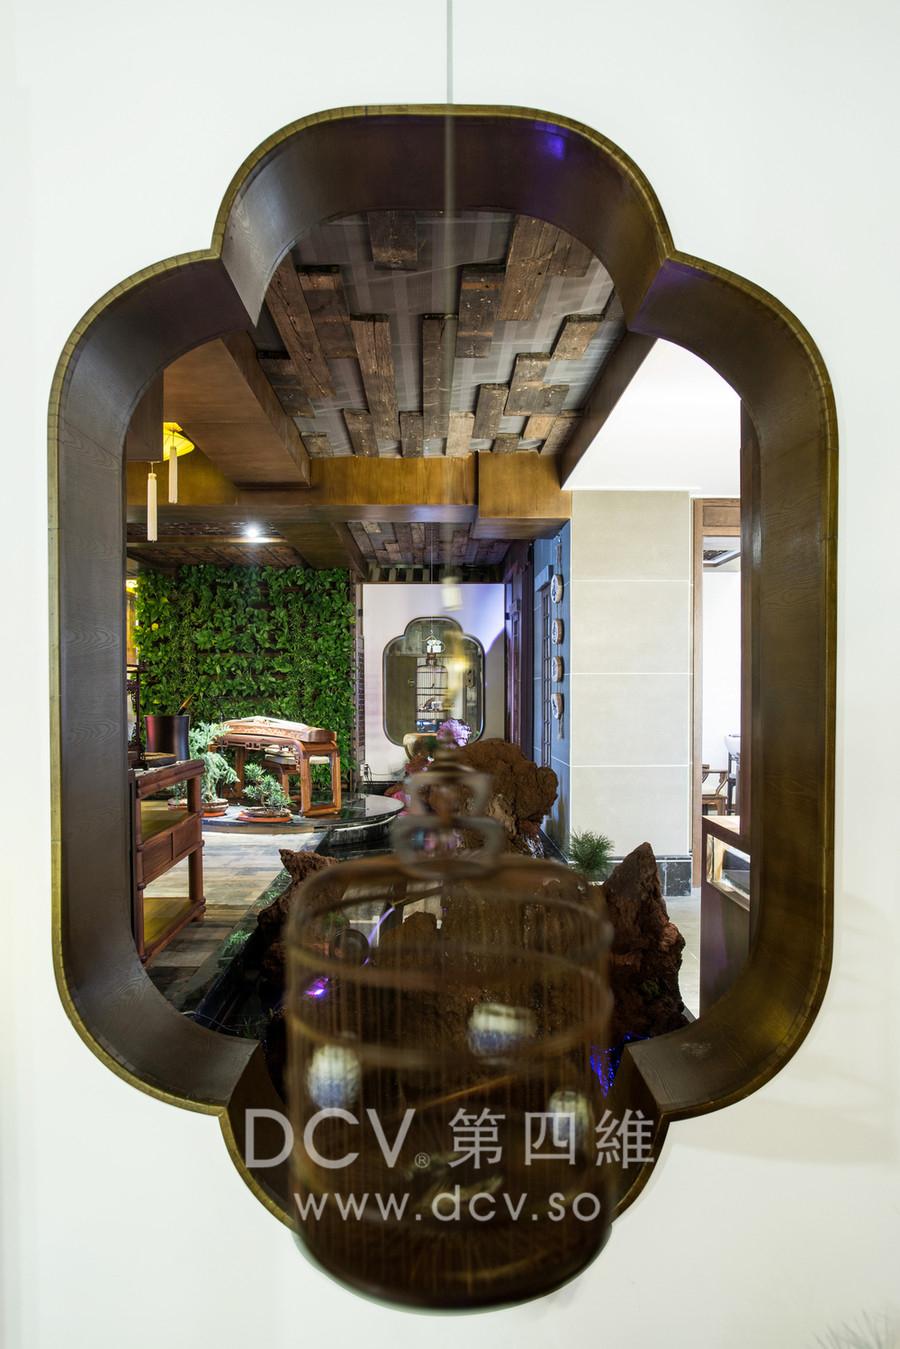 宝鸡-青阶茶室会所新中式主题餐厅室内装修设计